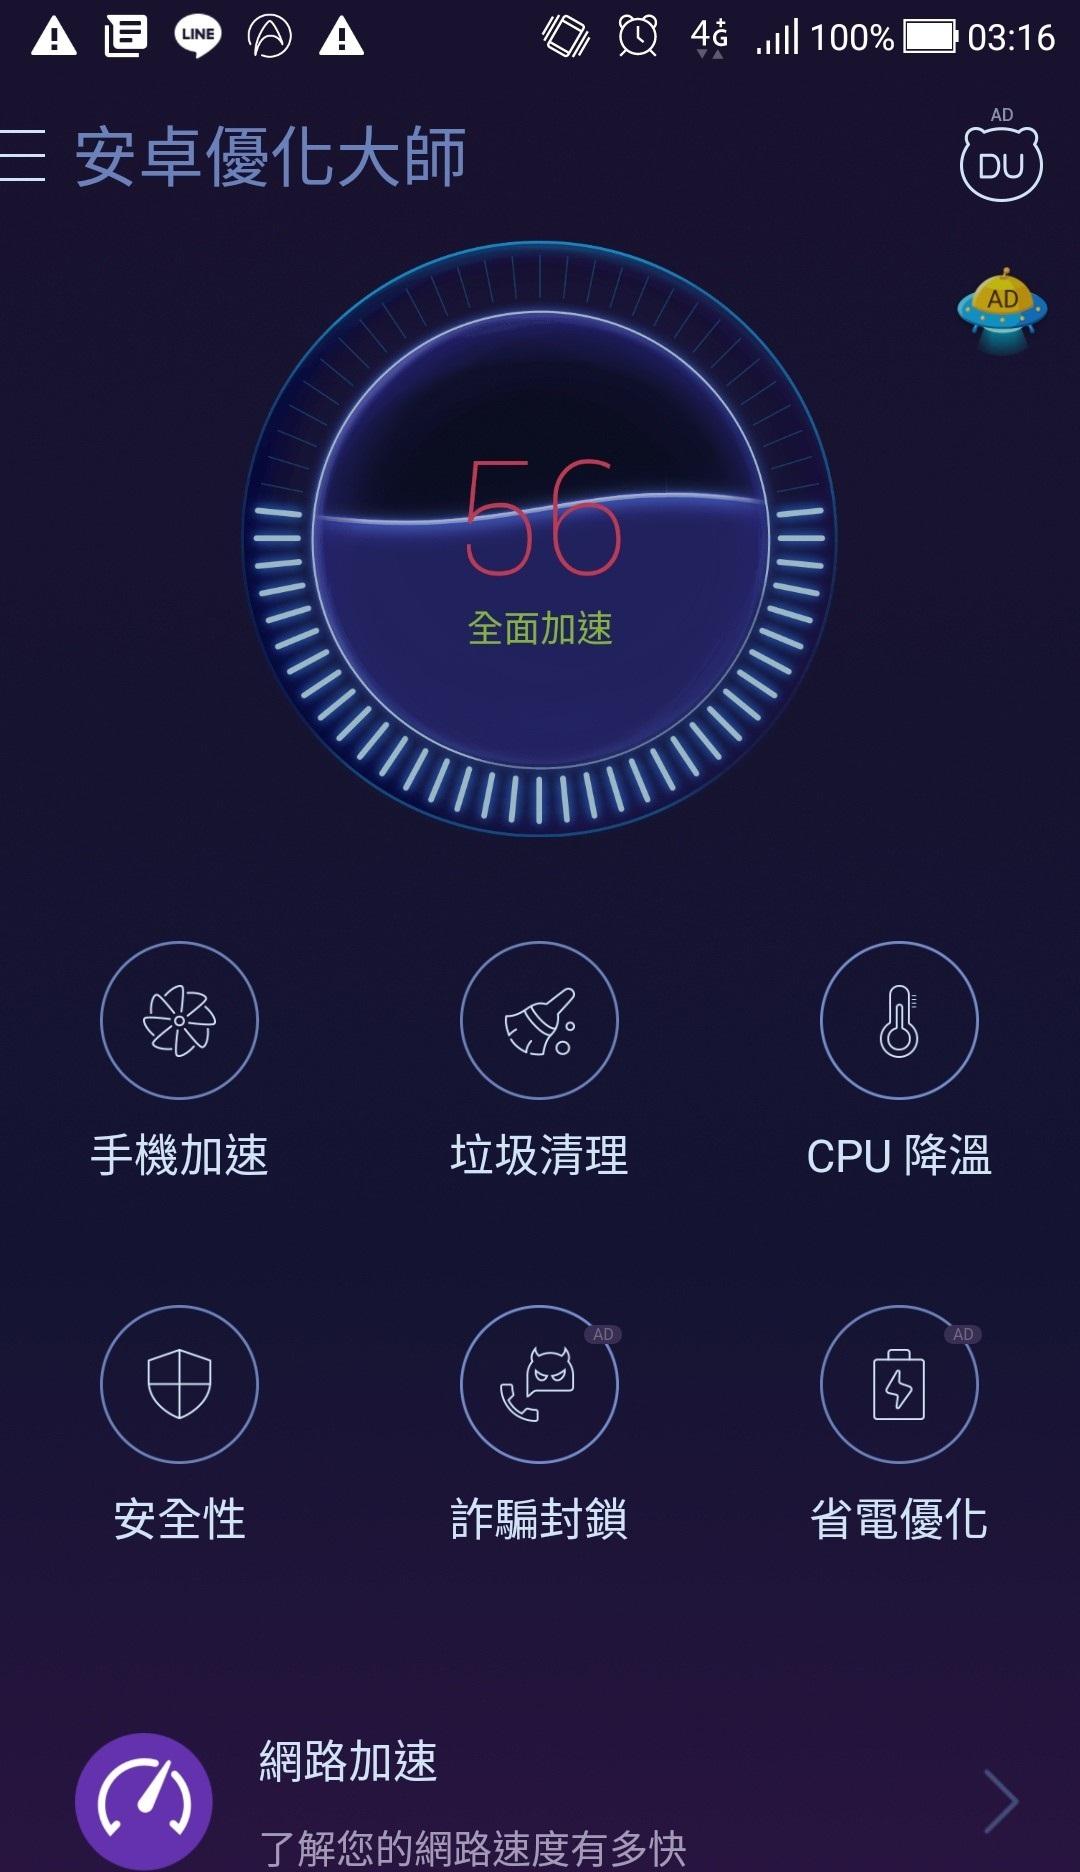 安卓優化大師 DU Speed Booster v3.1.6 免費去廣告版 - Android 遊戲.應用下載 - 冰楓論壇 - 綜合論壇.遊戲攻略.外掛 ...